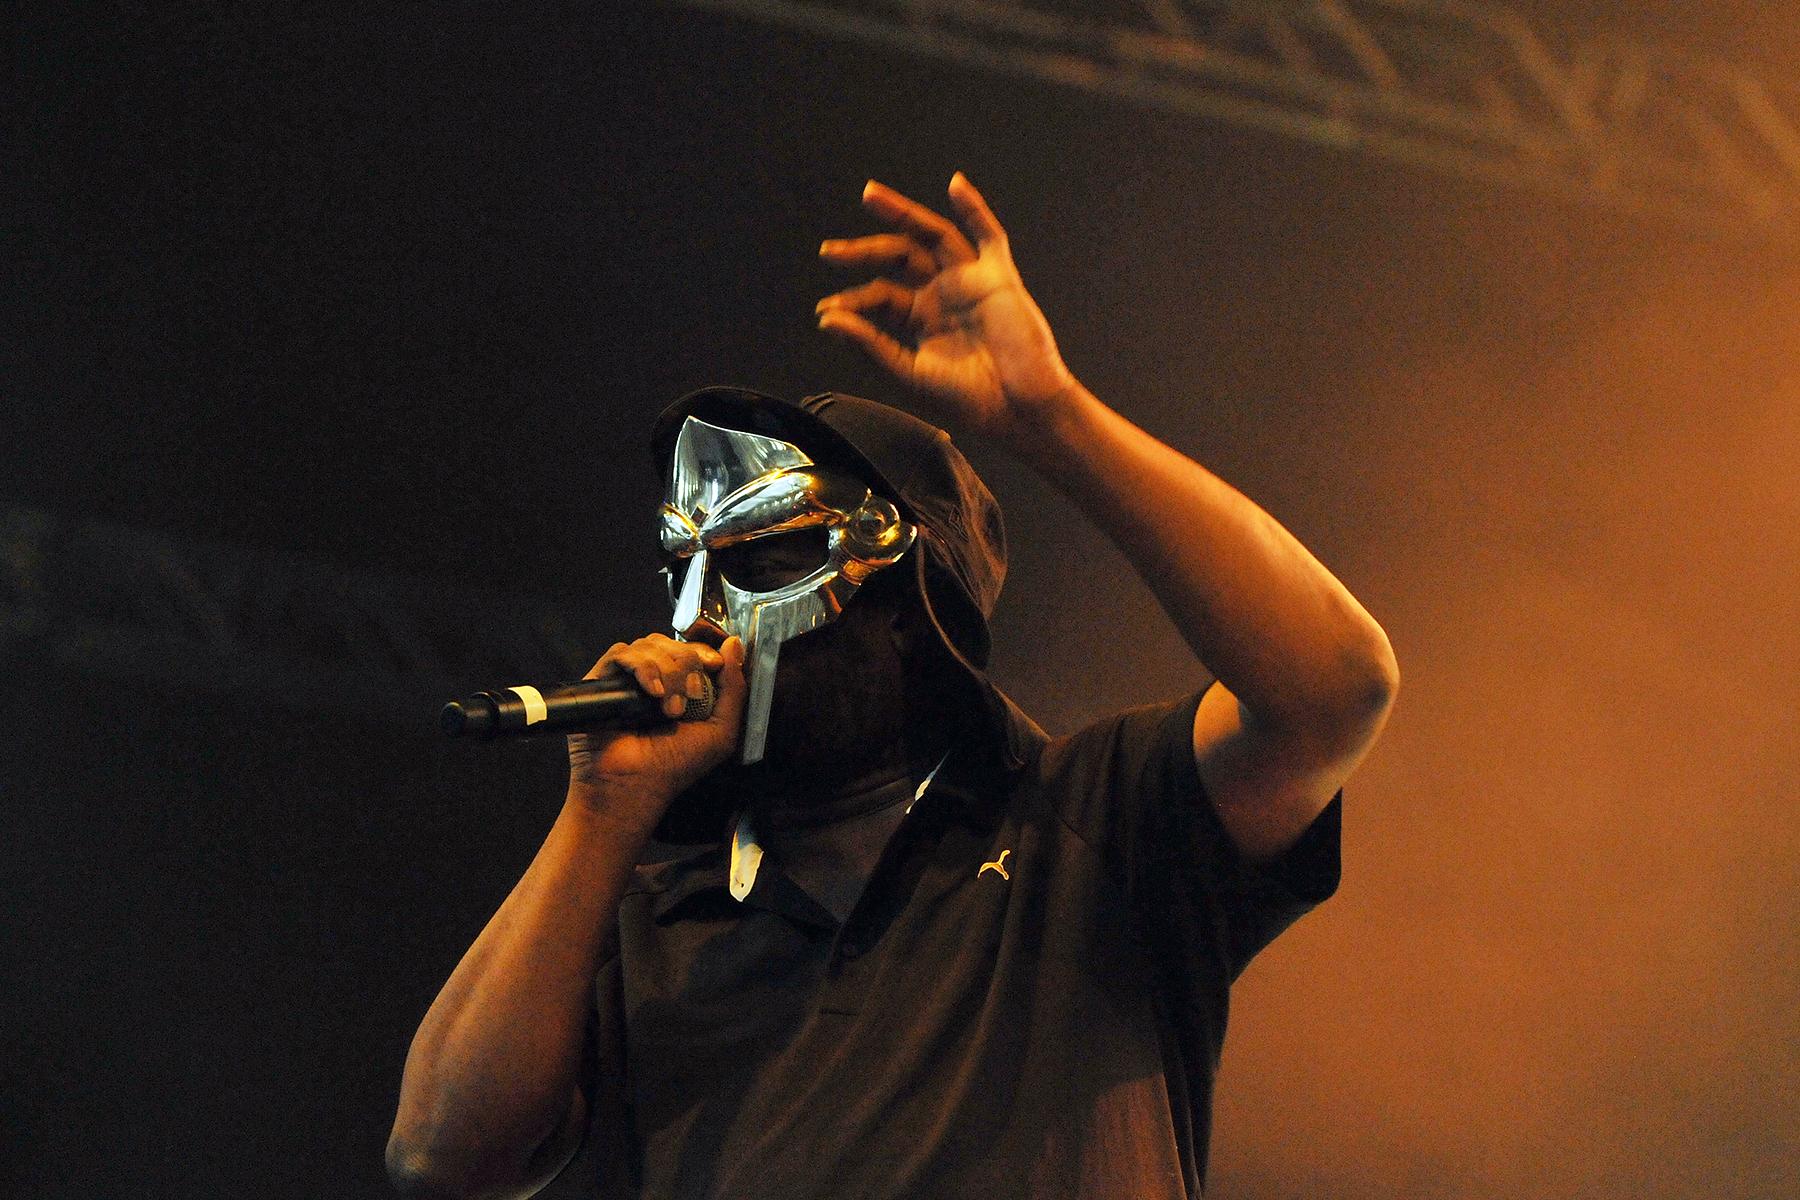 Shadows of Tomorrow I: MF DOOM and the KMD Origin Story